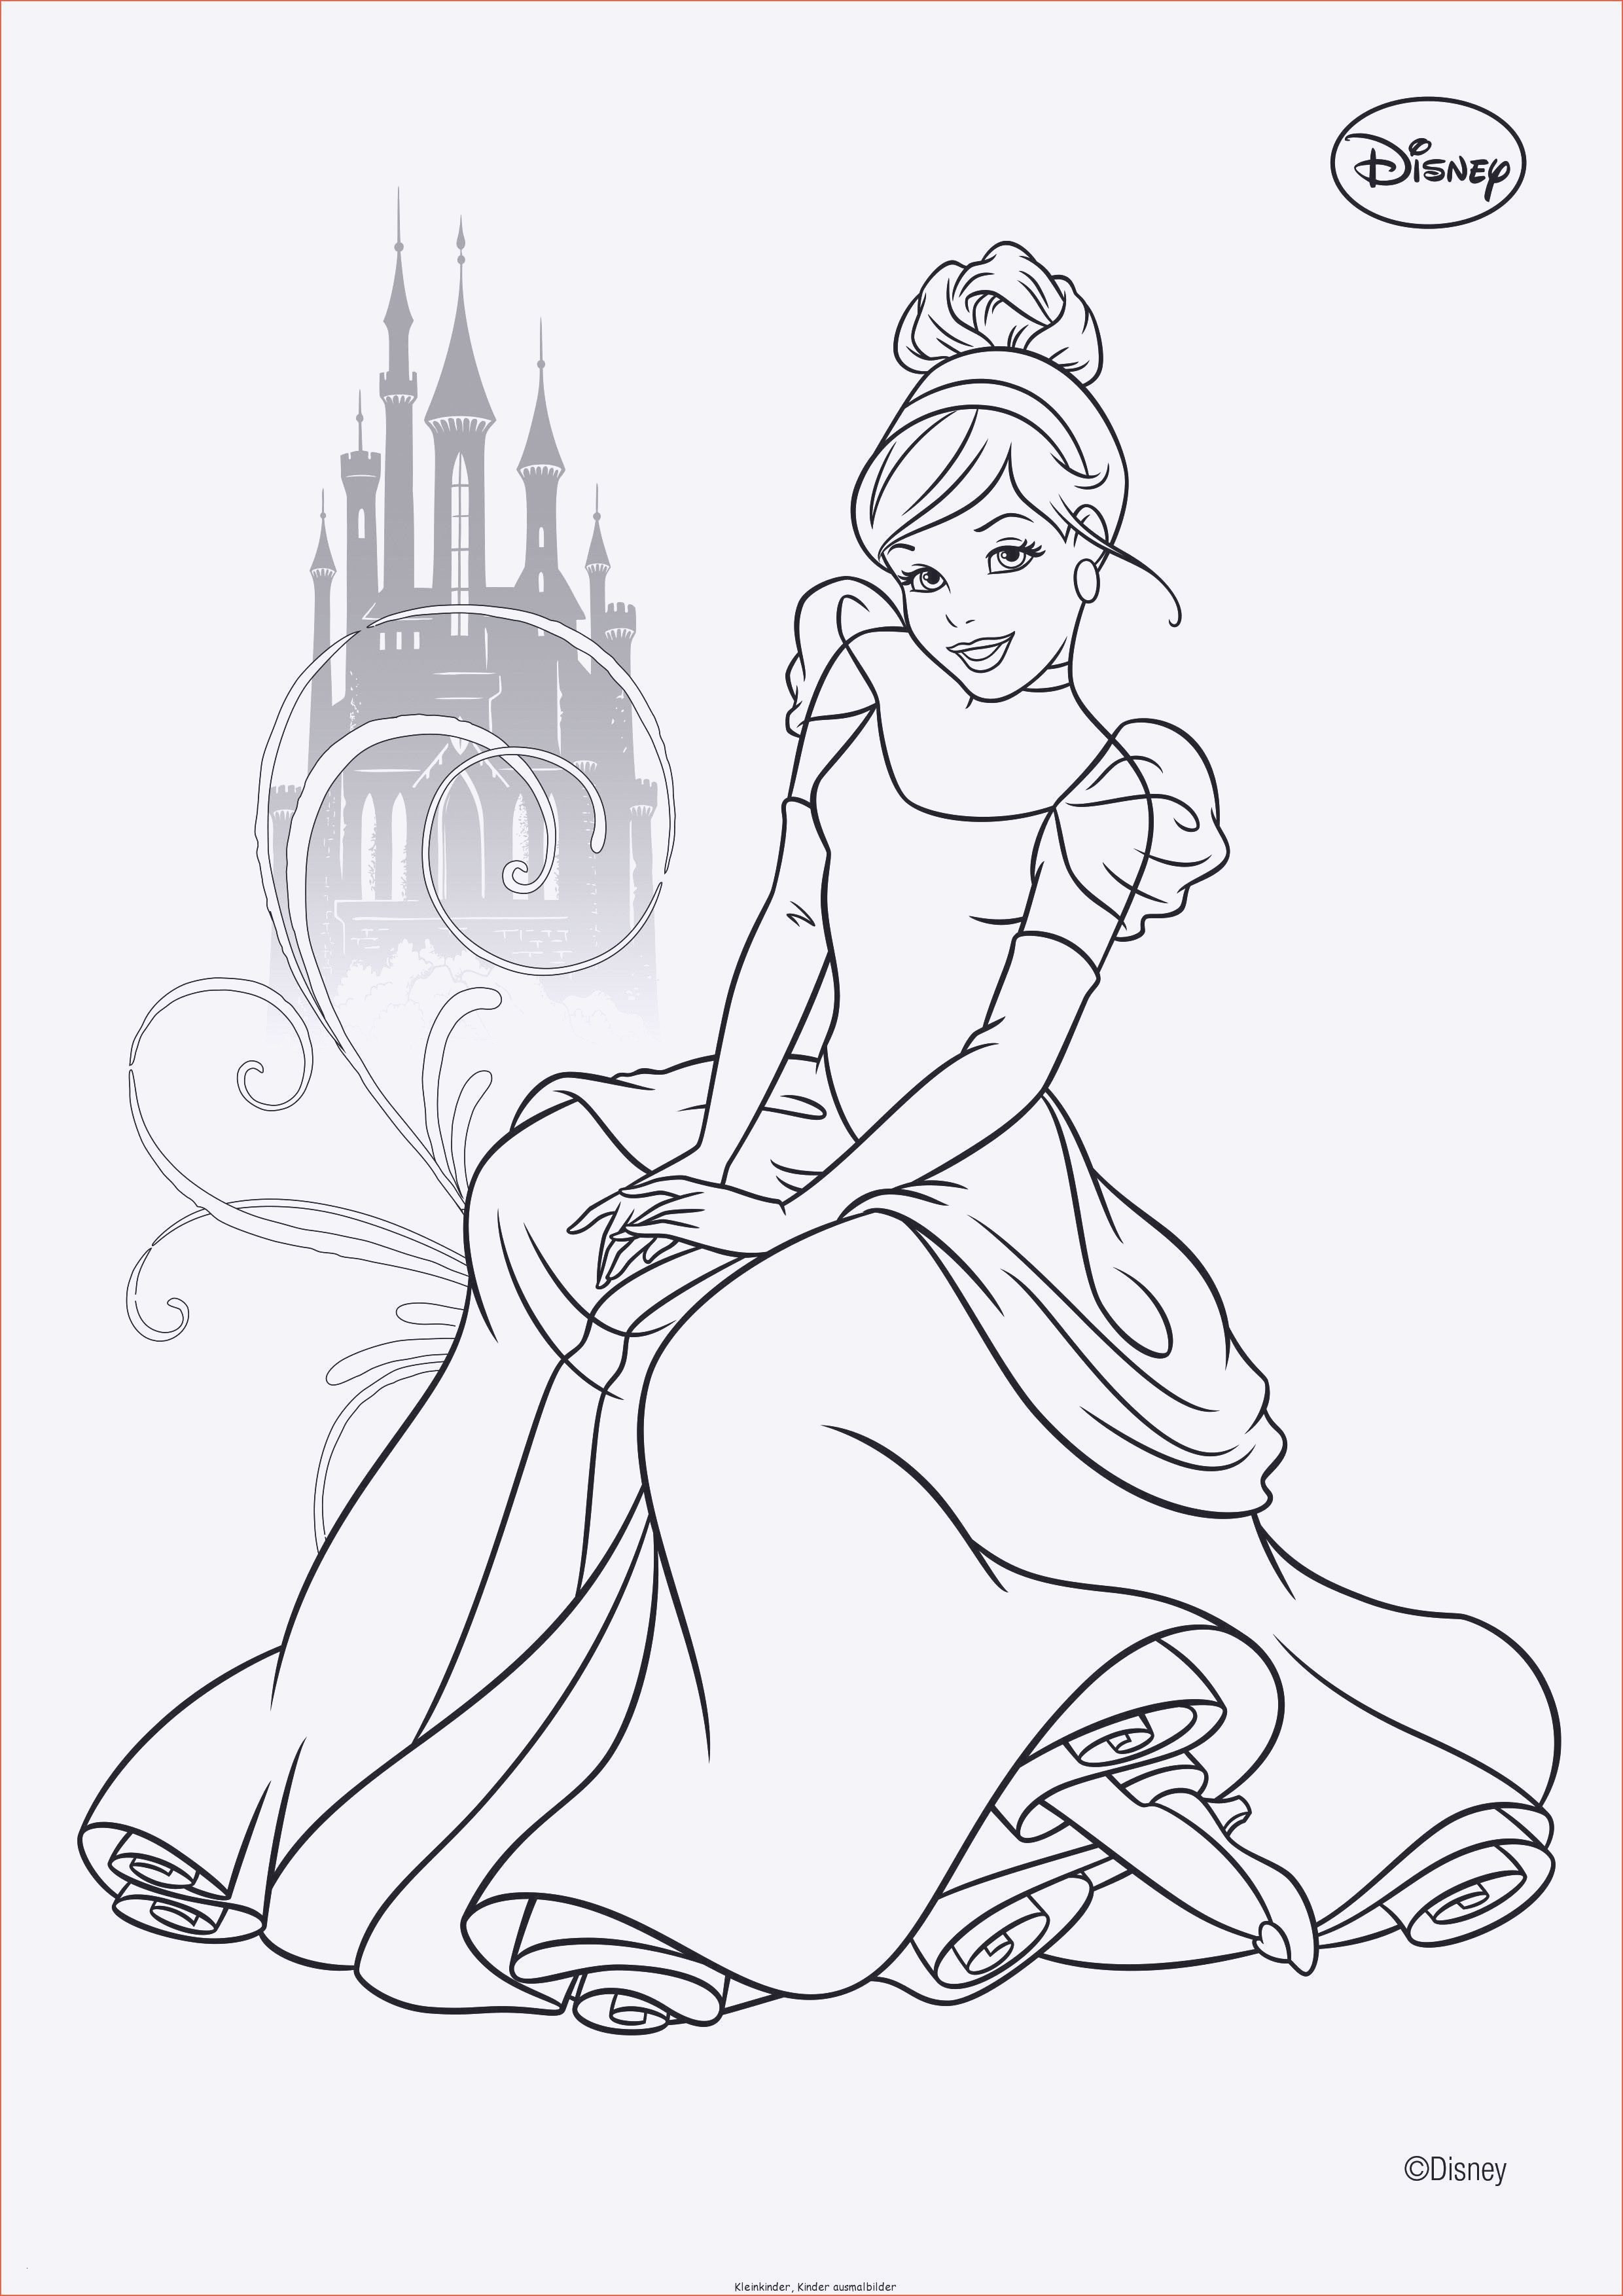 Ausmalbilder Von Anna Und Elsa Inspirierend Bayern Ausmalbilder Frisch Igel Grundschule 0d Archives Luxus Anna Sammlung